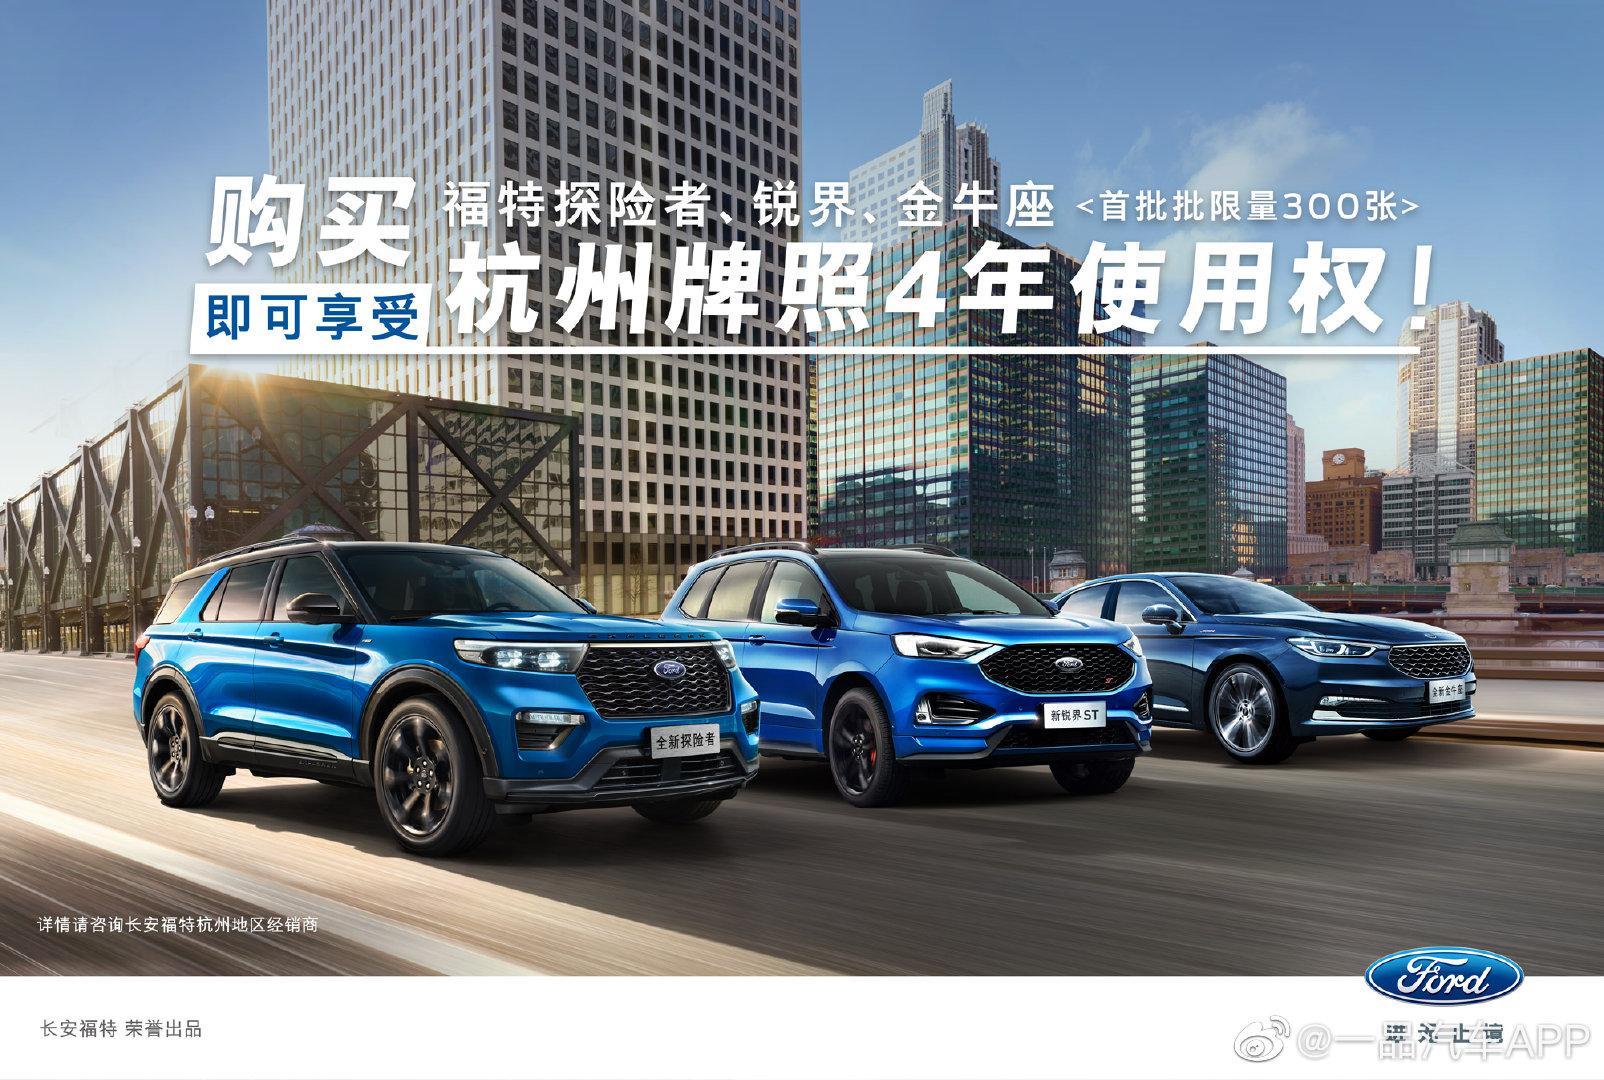 杭州购车福利来了!购买长安福特车型可享4年杭州牌照使用权